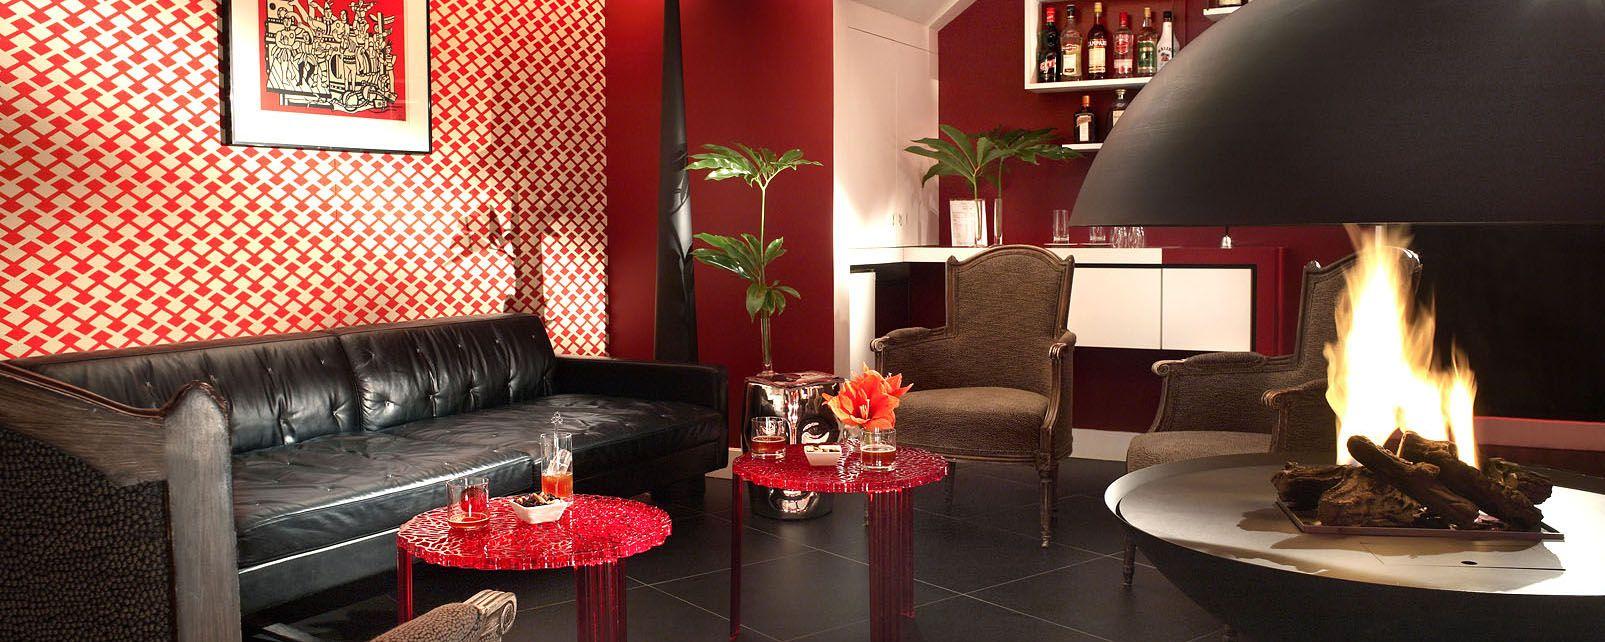 Hotel Opal Rue Tronchet Paris